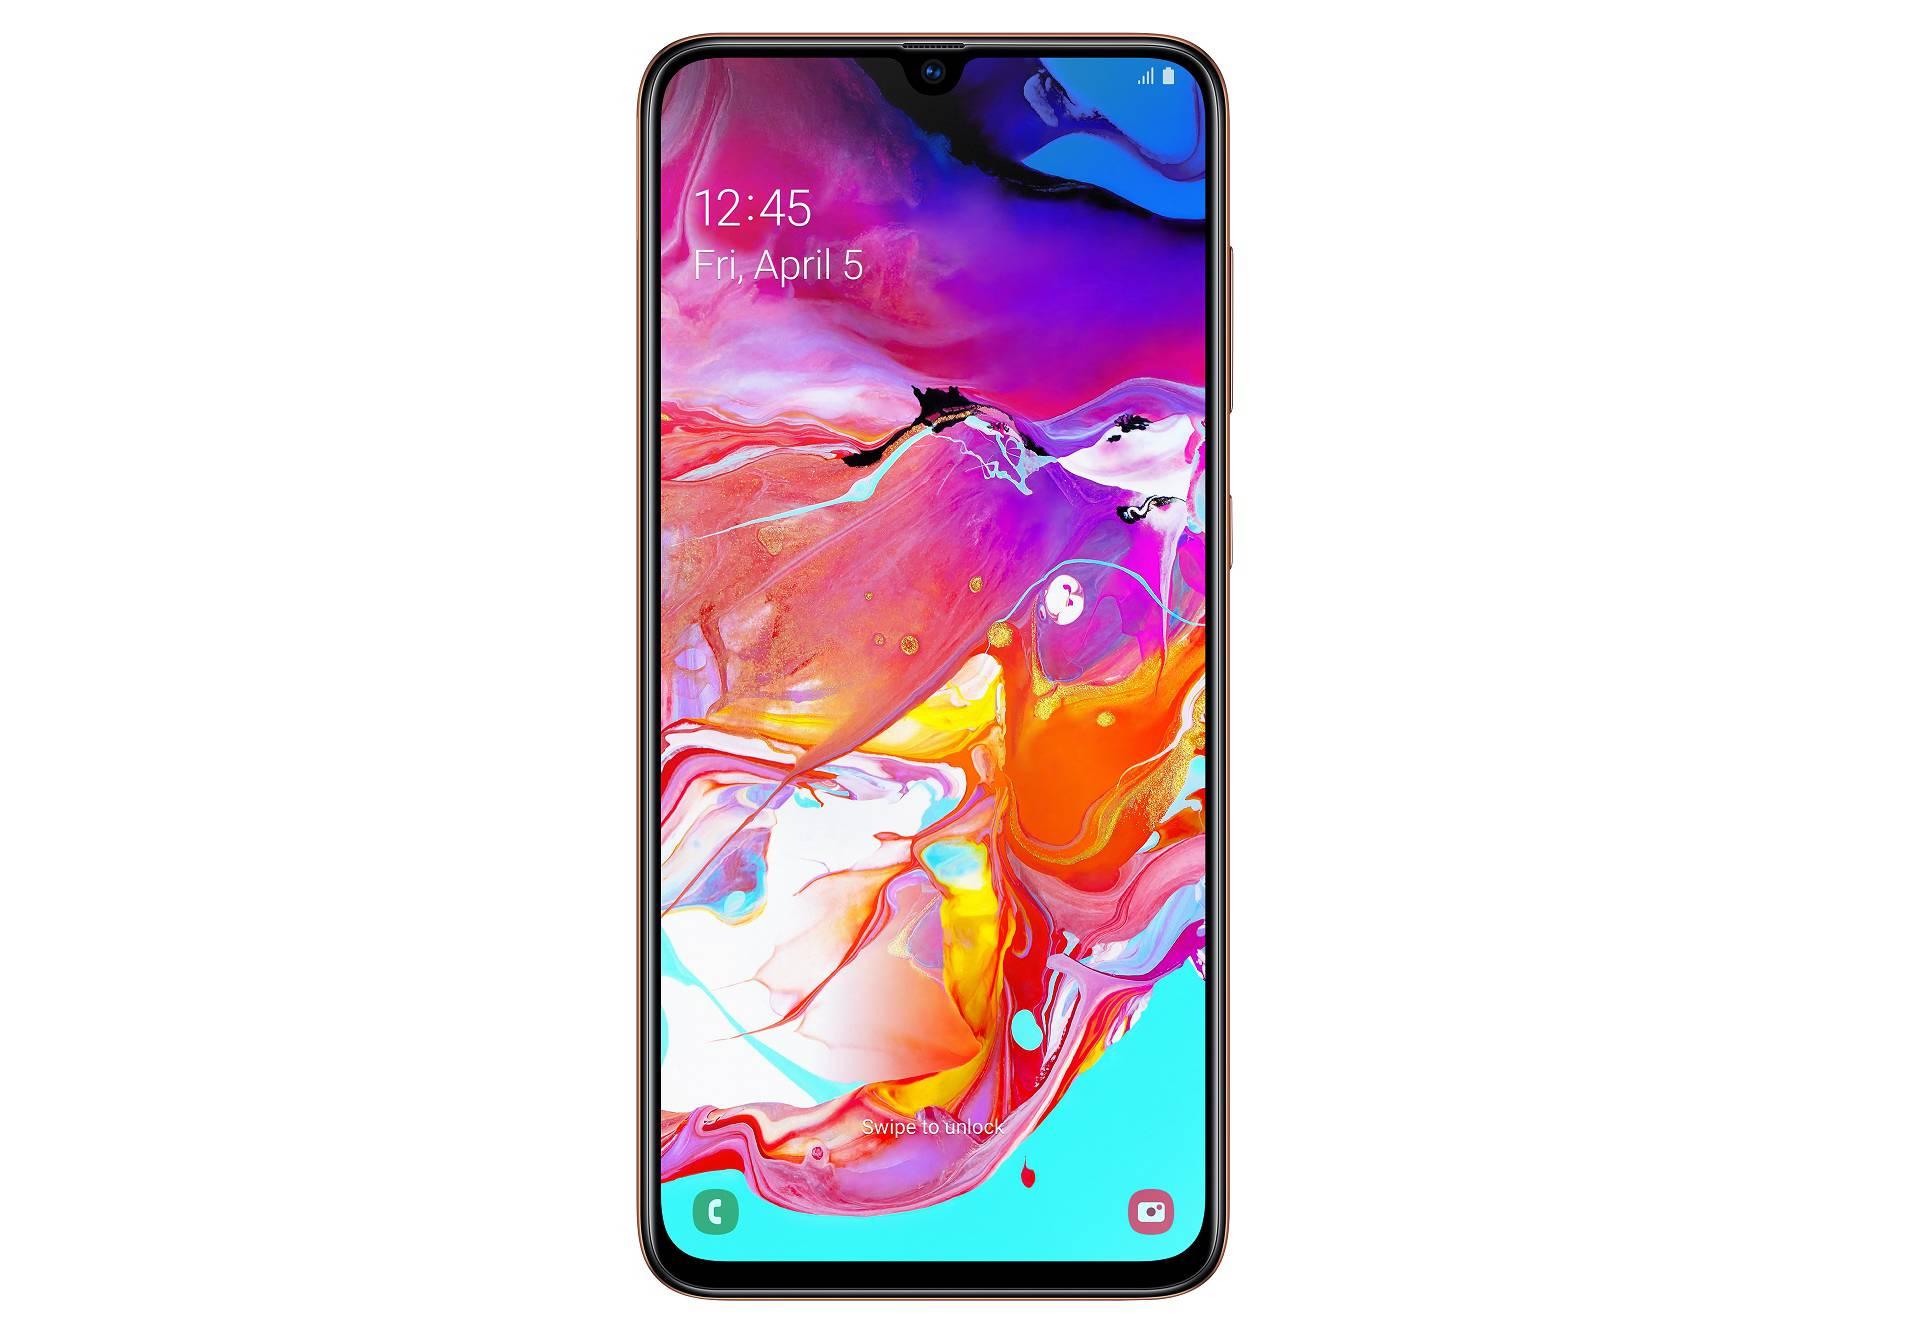 Samsungov novi telefon je kao S10+, ali za puno manju cijenu